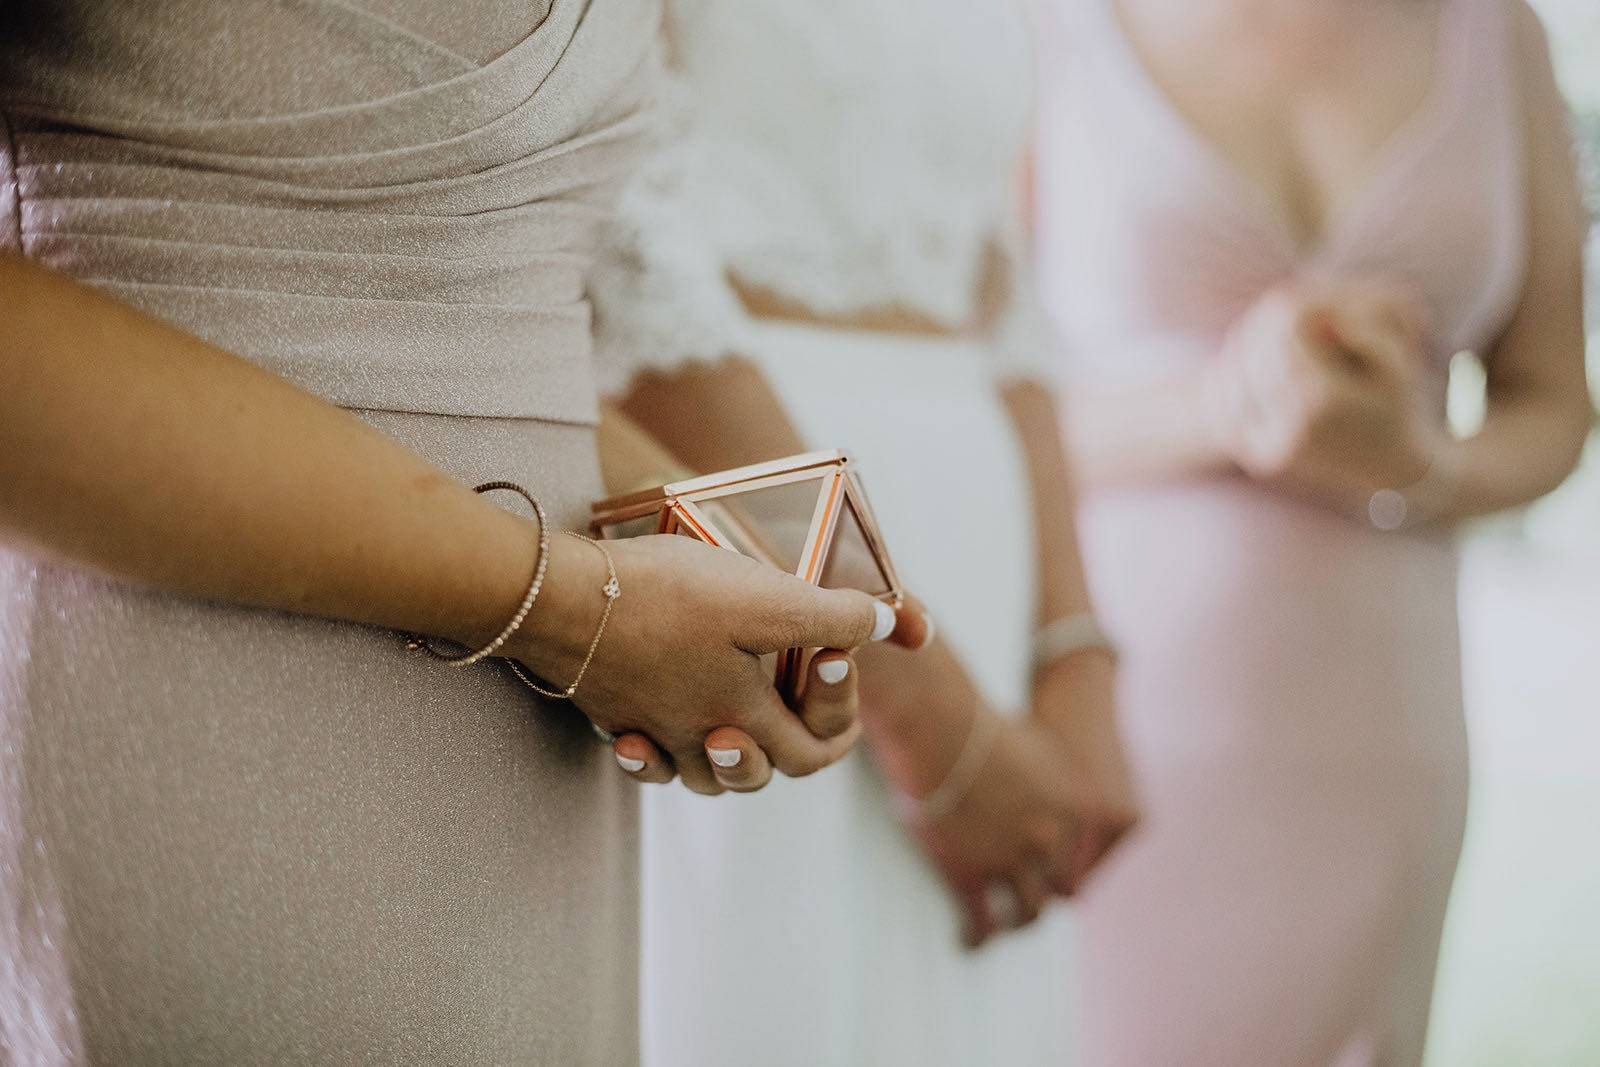 Event'L Ceremonie - Fotograaf Lux Visual Storytellers - House of Weddings 5